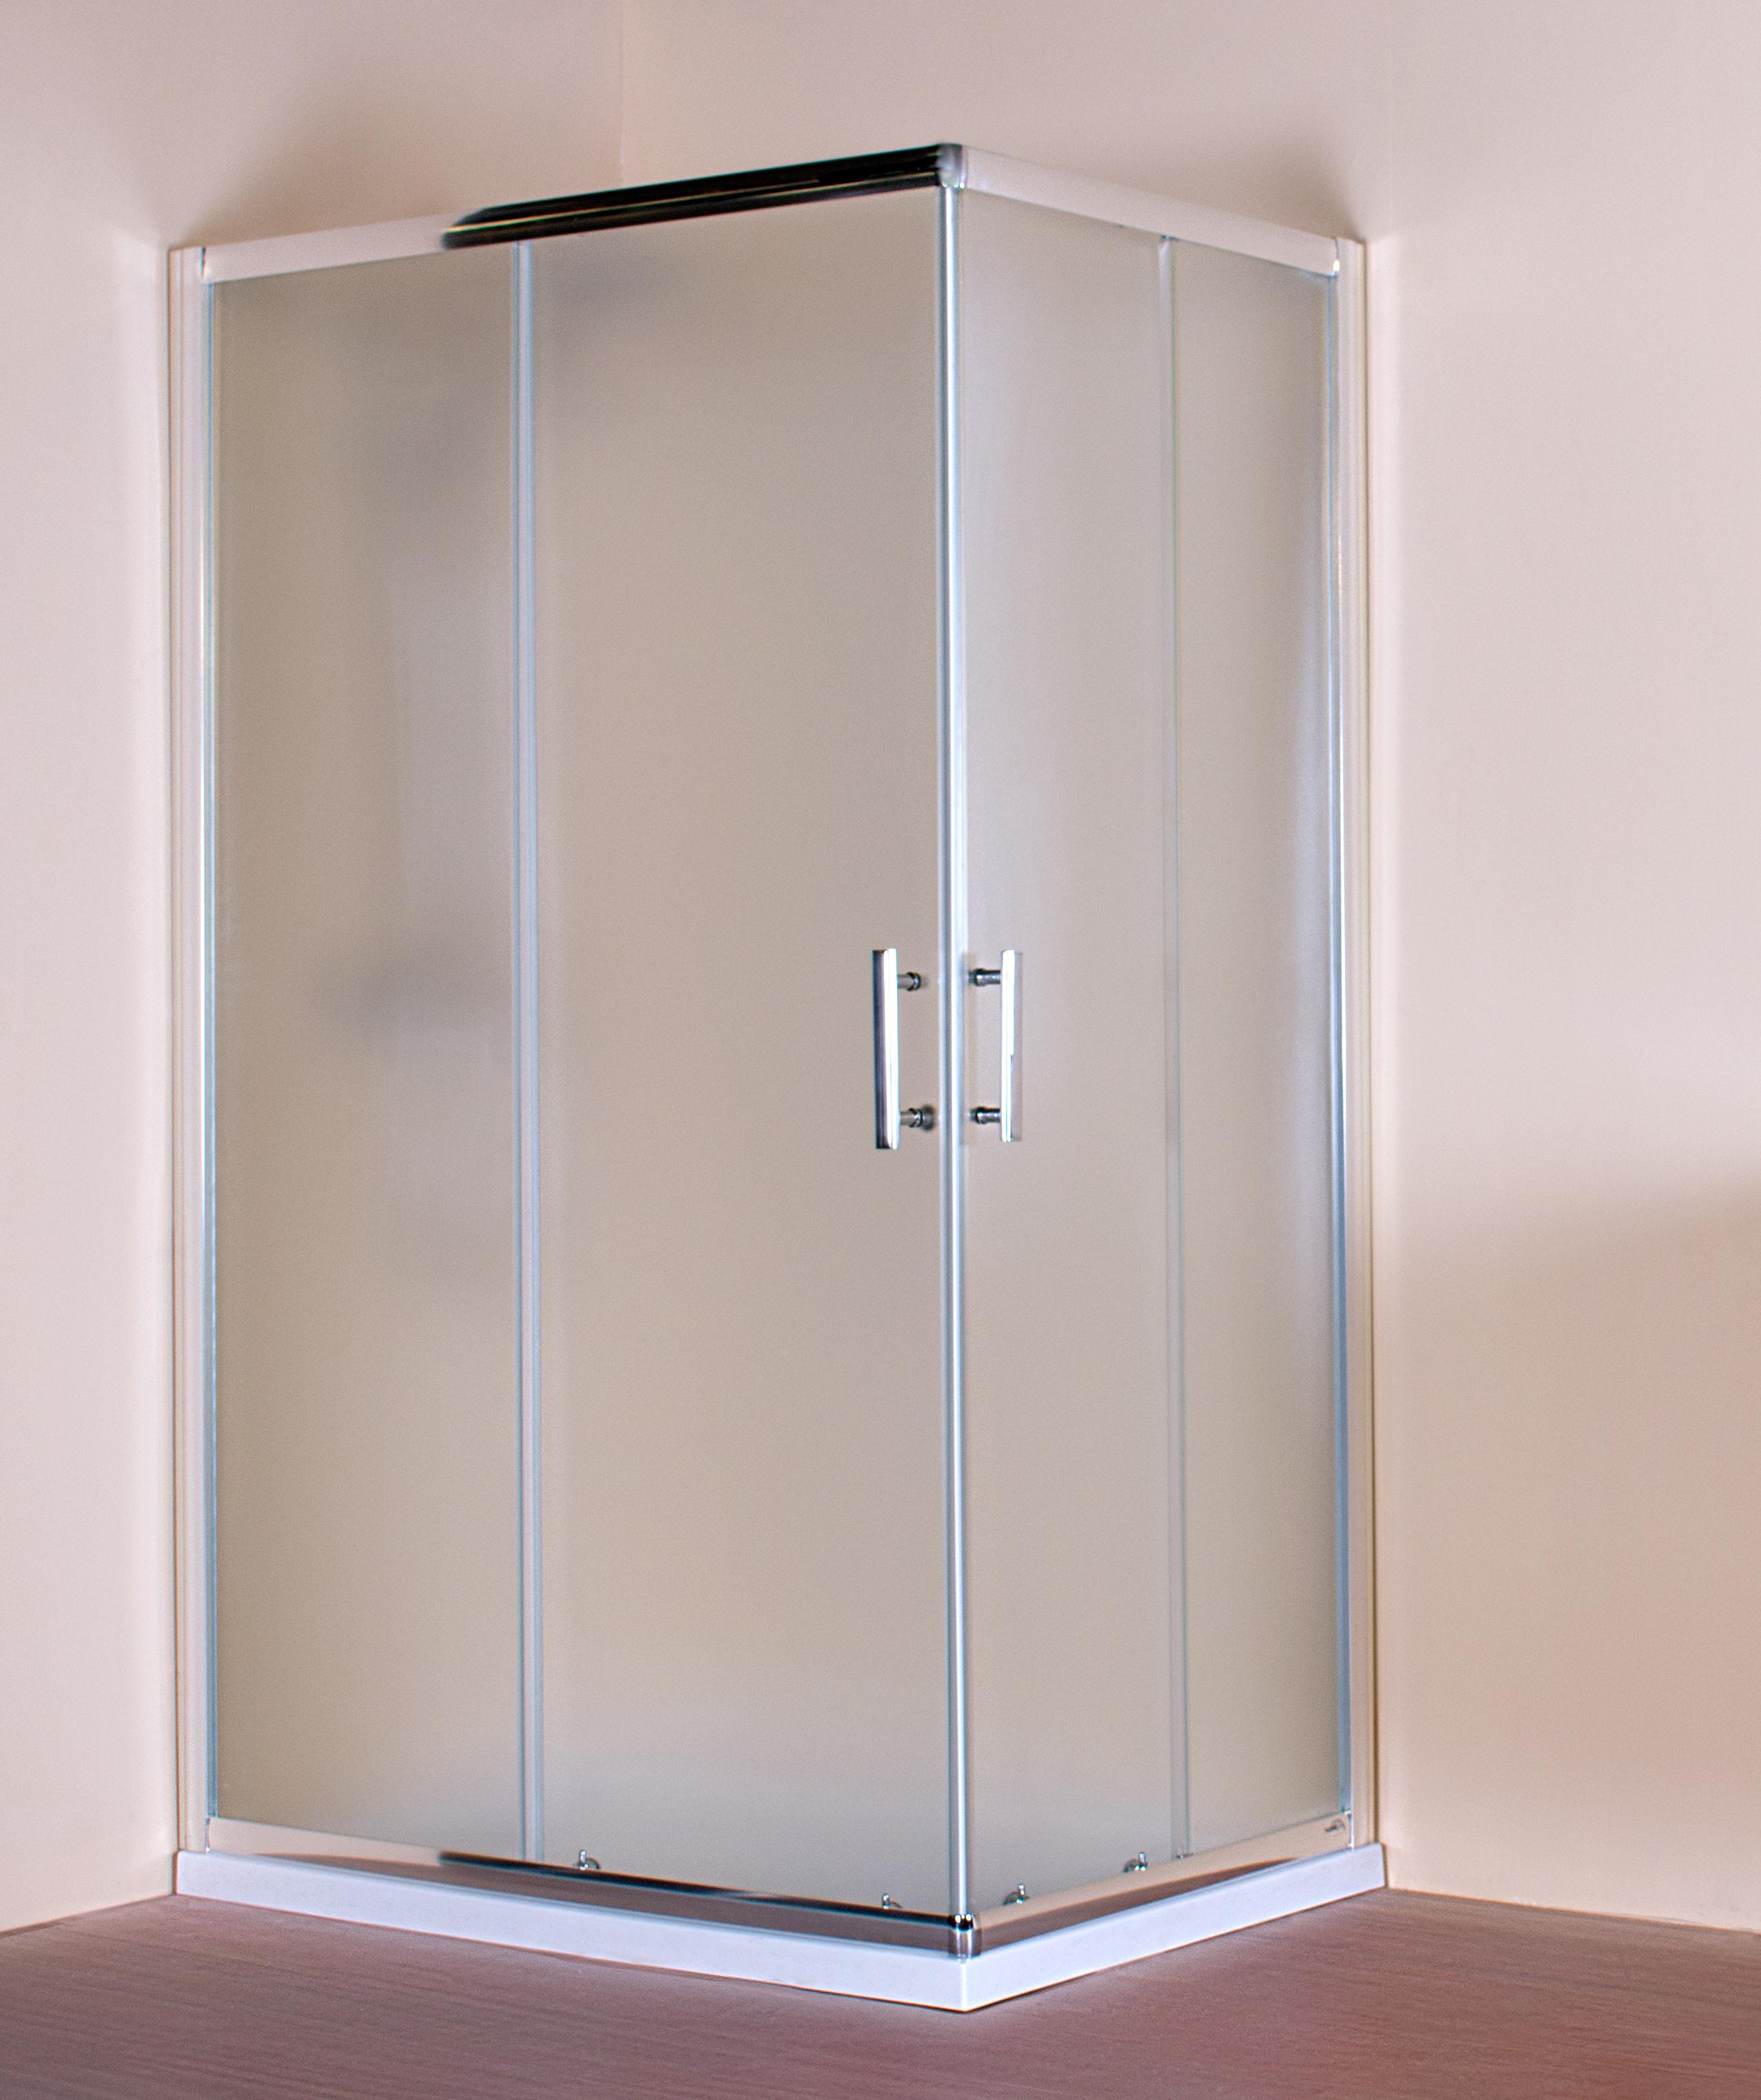 Mampara de ducha tempo box angular de 2 fijas 2 for Mamparas de ducha fijas